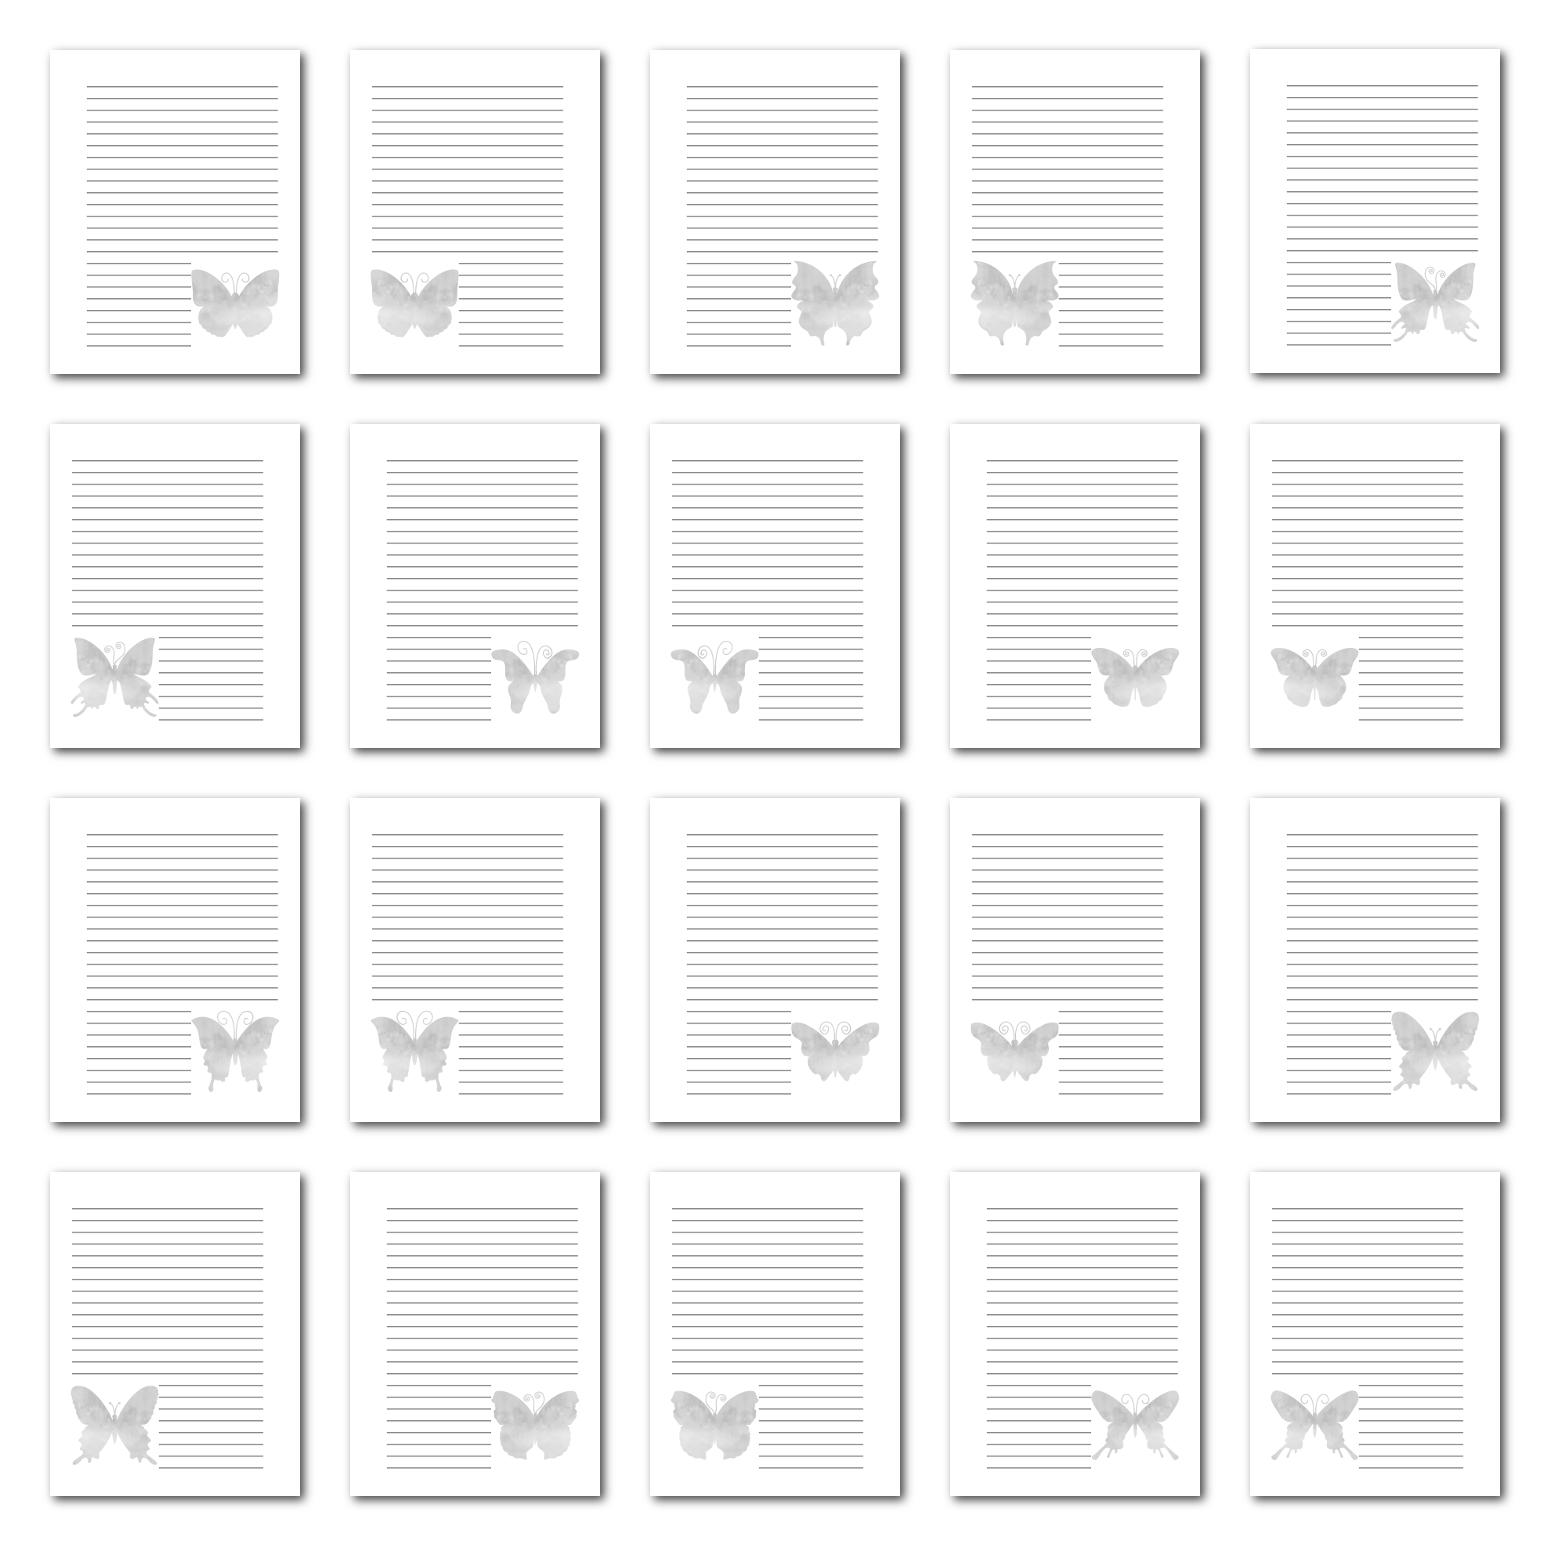 Zen PLR Journal Templates Light Watercolor Butterflies Grayscale Print Journal Pages